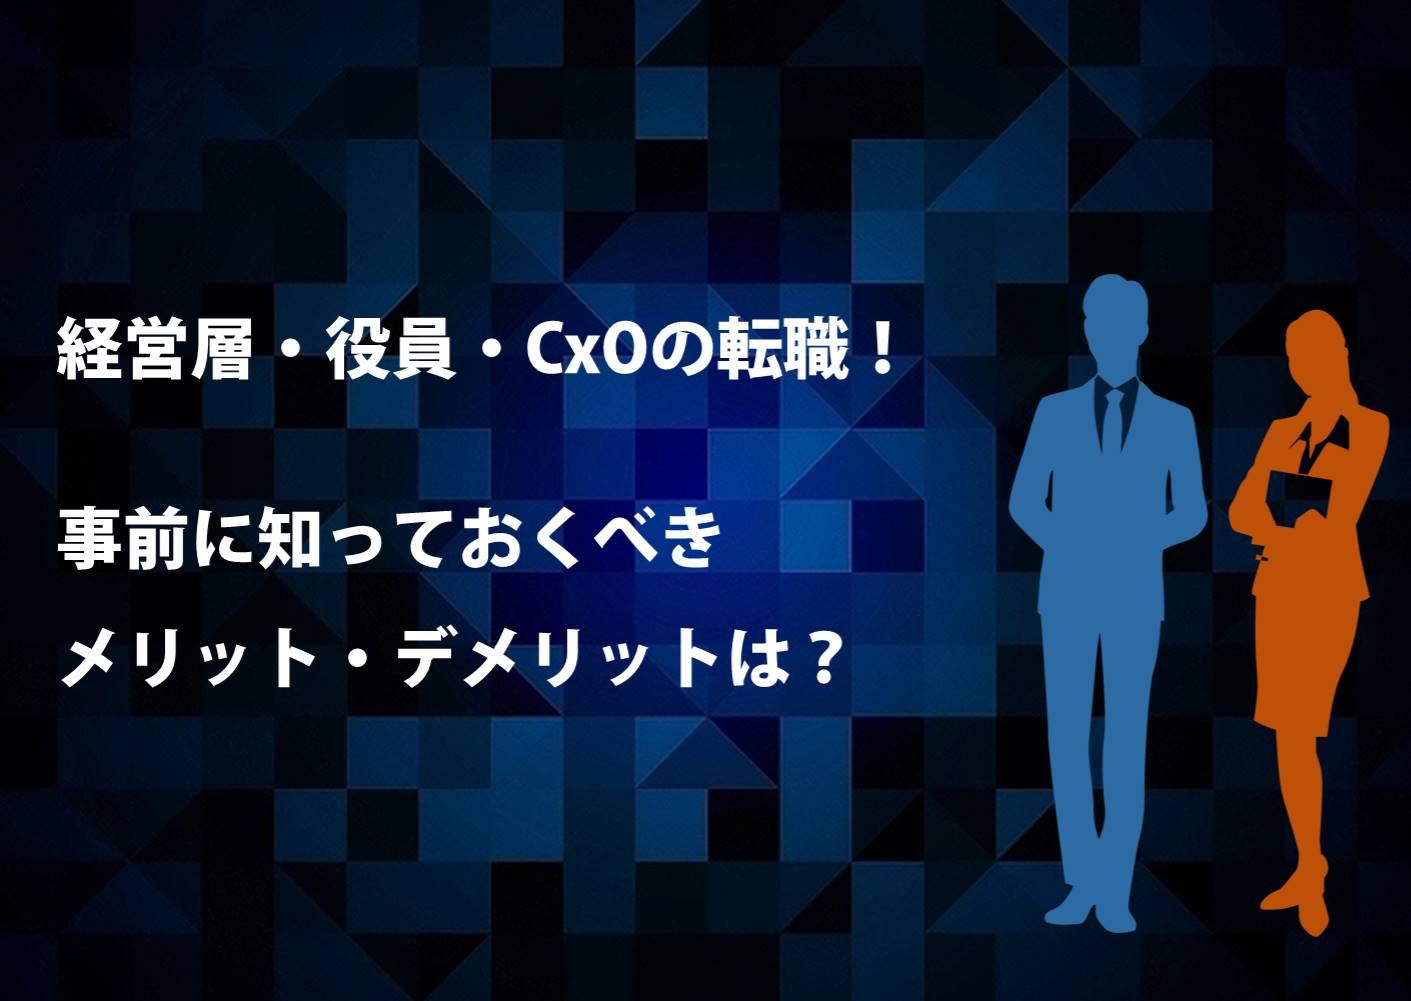 経営層・役員・CxOの転職!事前に知っておくべきメリット・デメリットは?